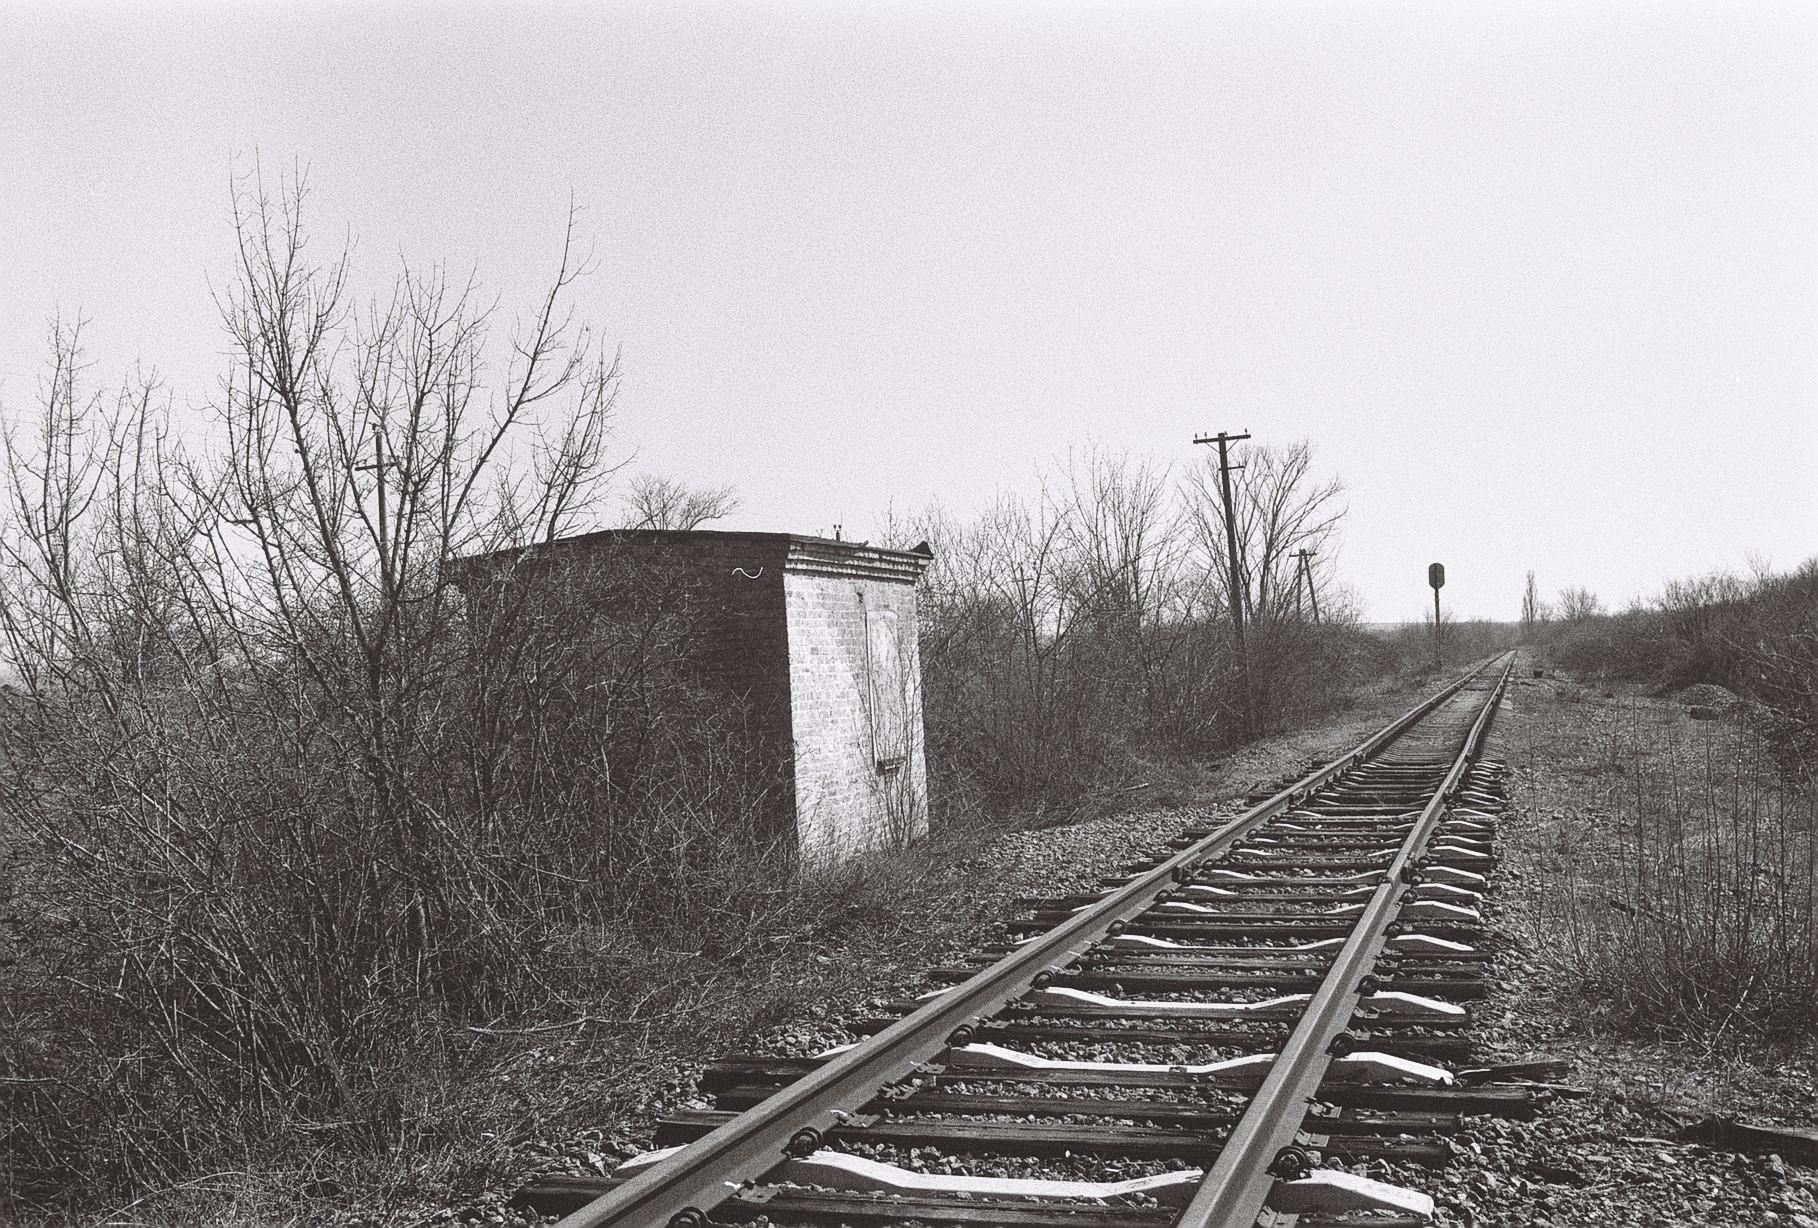 Стрілочний пост закритої станції Зименове, Одеська залізниця, недіюча гілка Мигаєве - Ротове. Одеська область